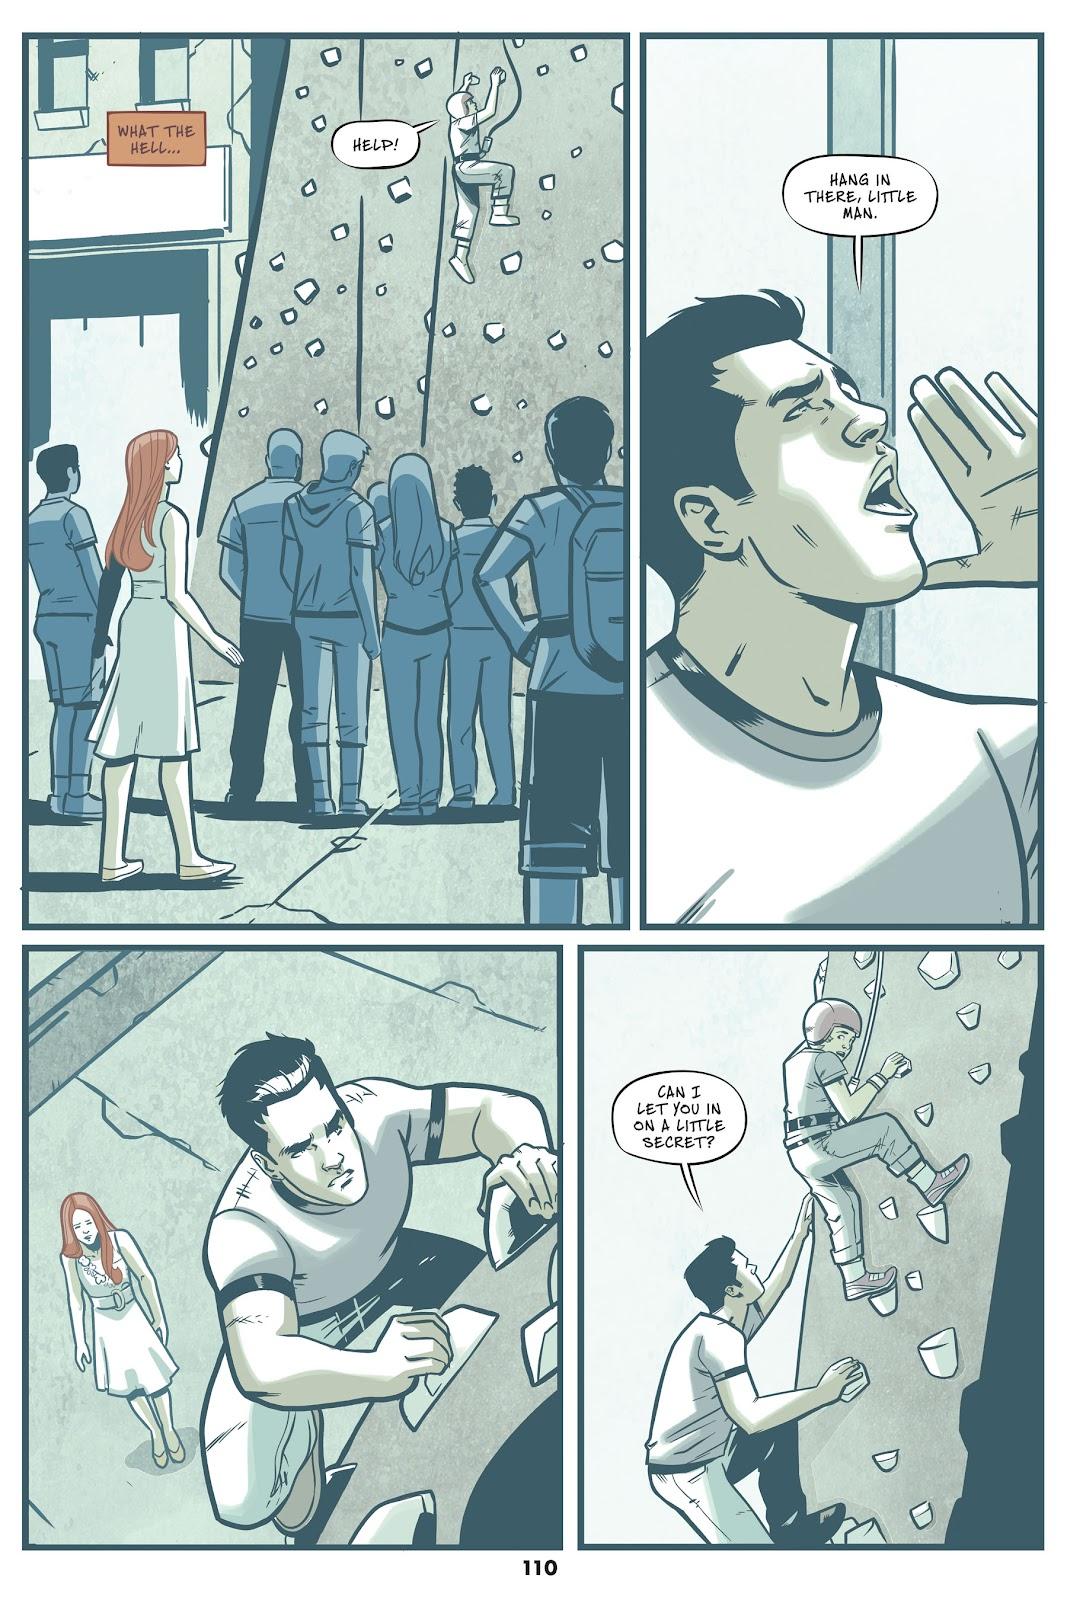 Read online Mera: Tidebreaker comic -  Issue # TPB (Part 2) - 10